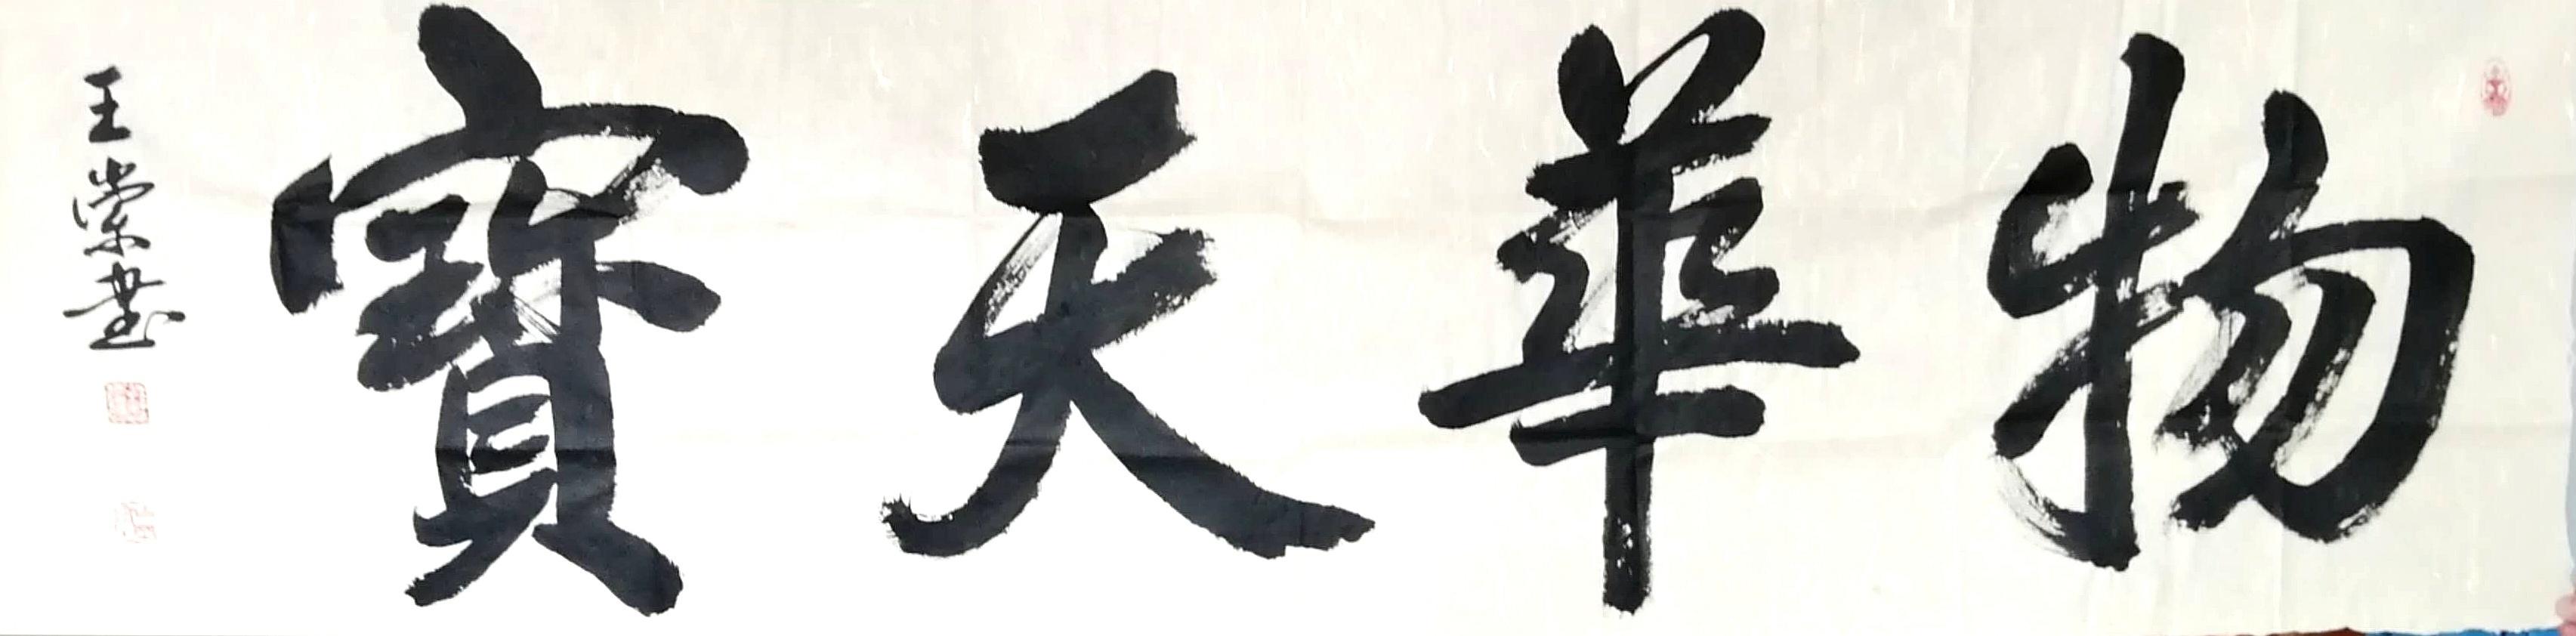 河南安阳老年书画研究会文峰分会 抗击武汉新冠肺炎作品展